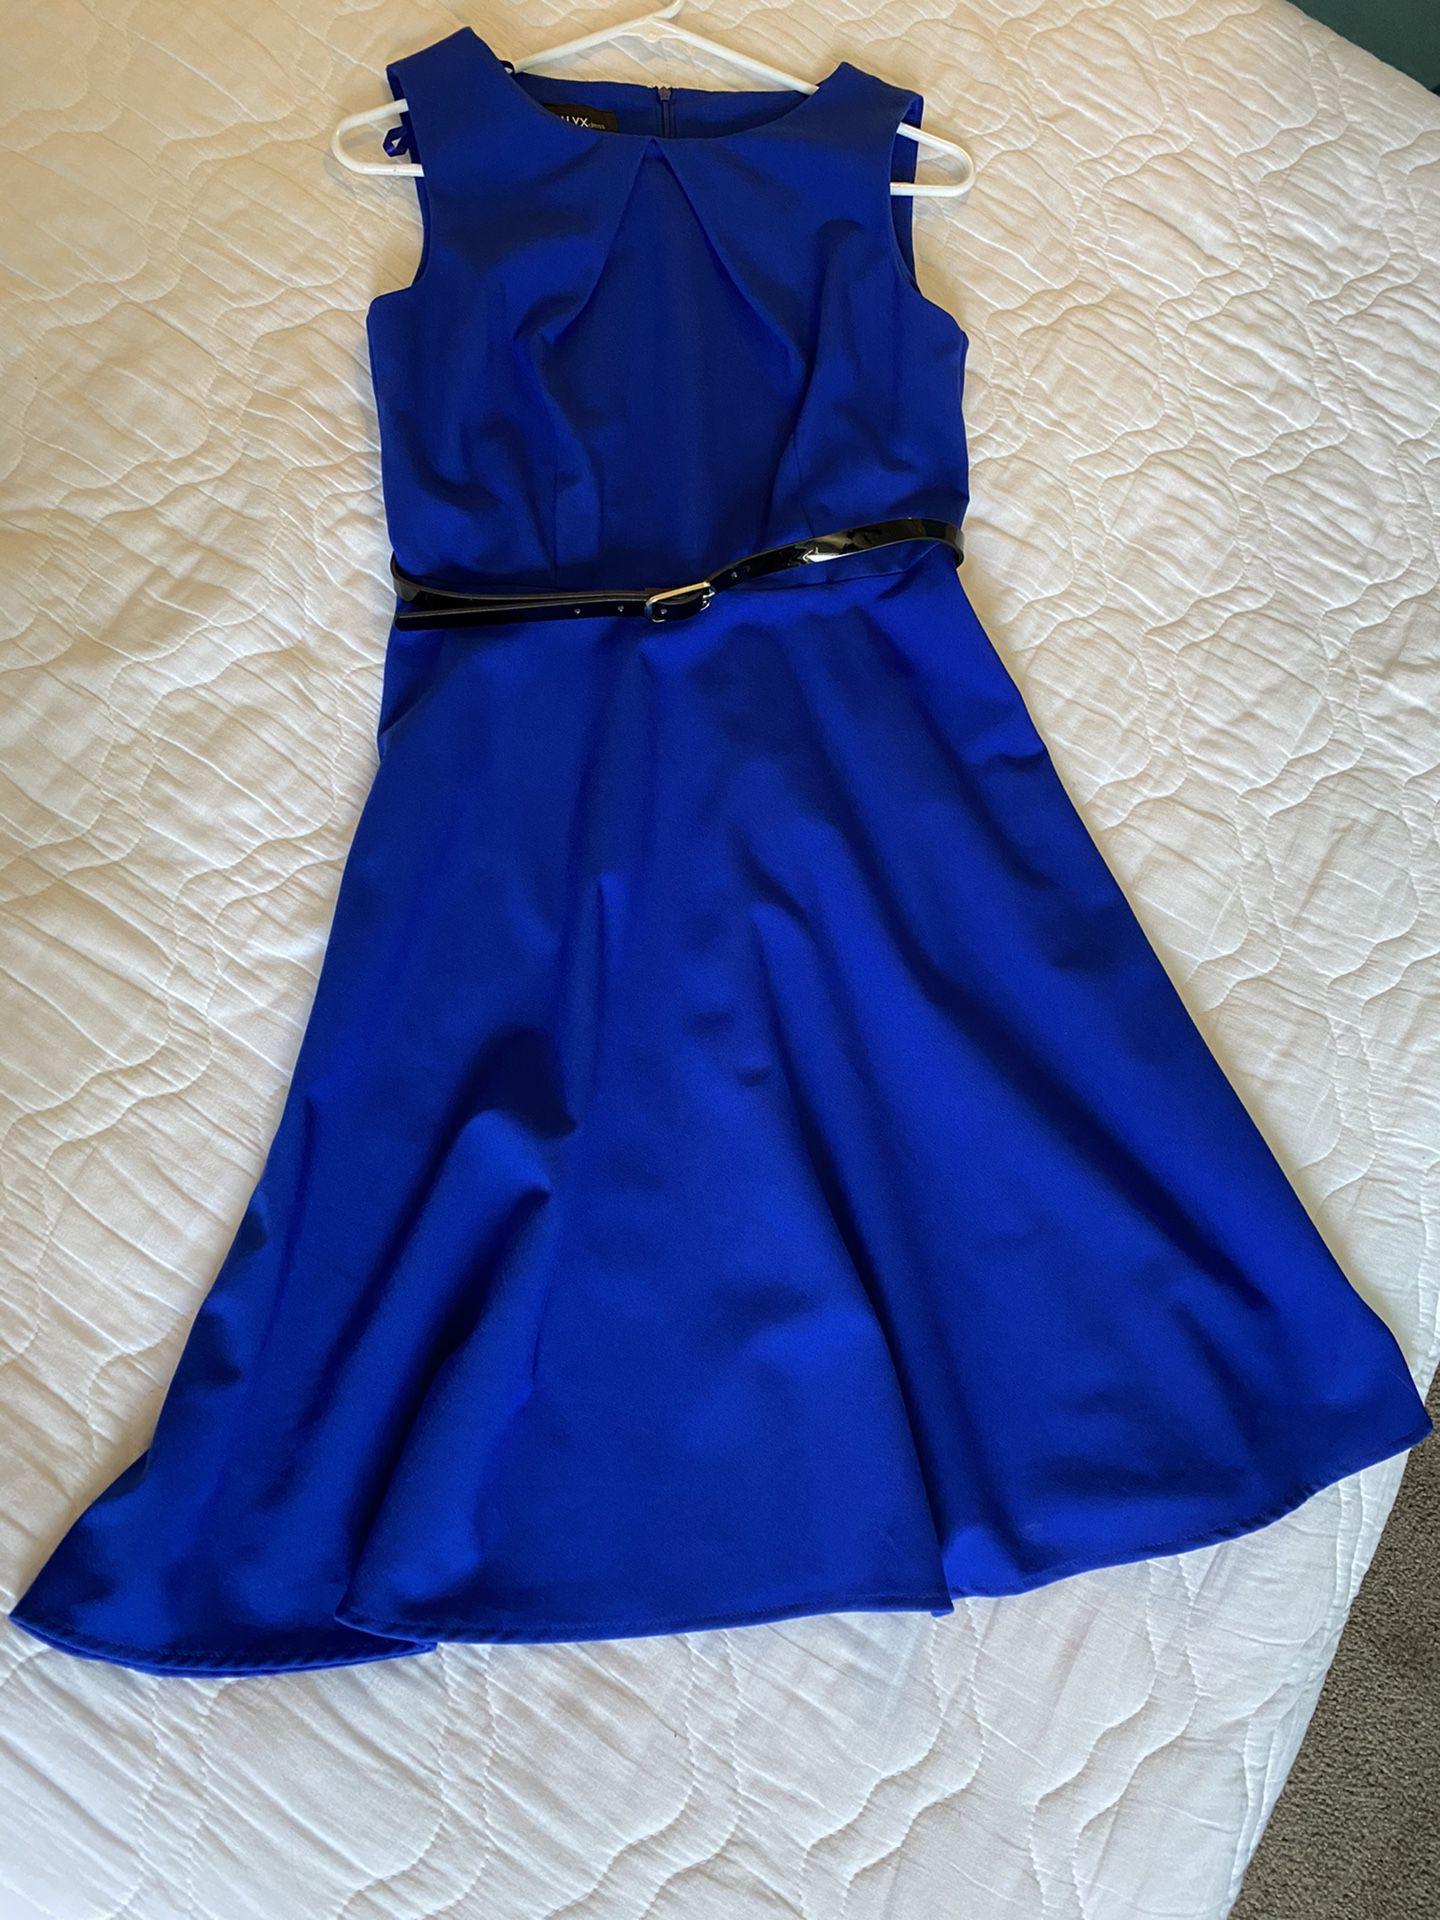 Women's Size 6 Dress